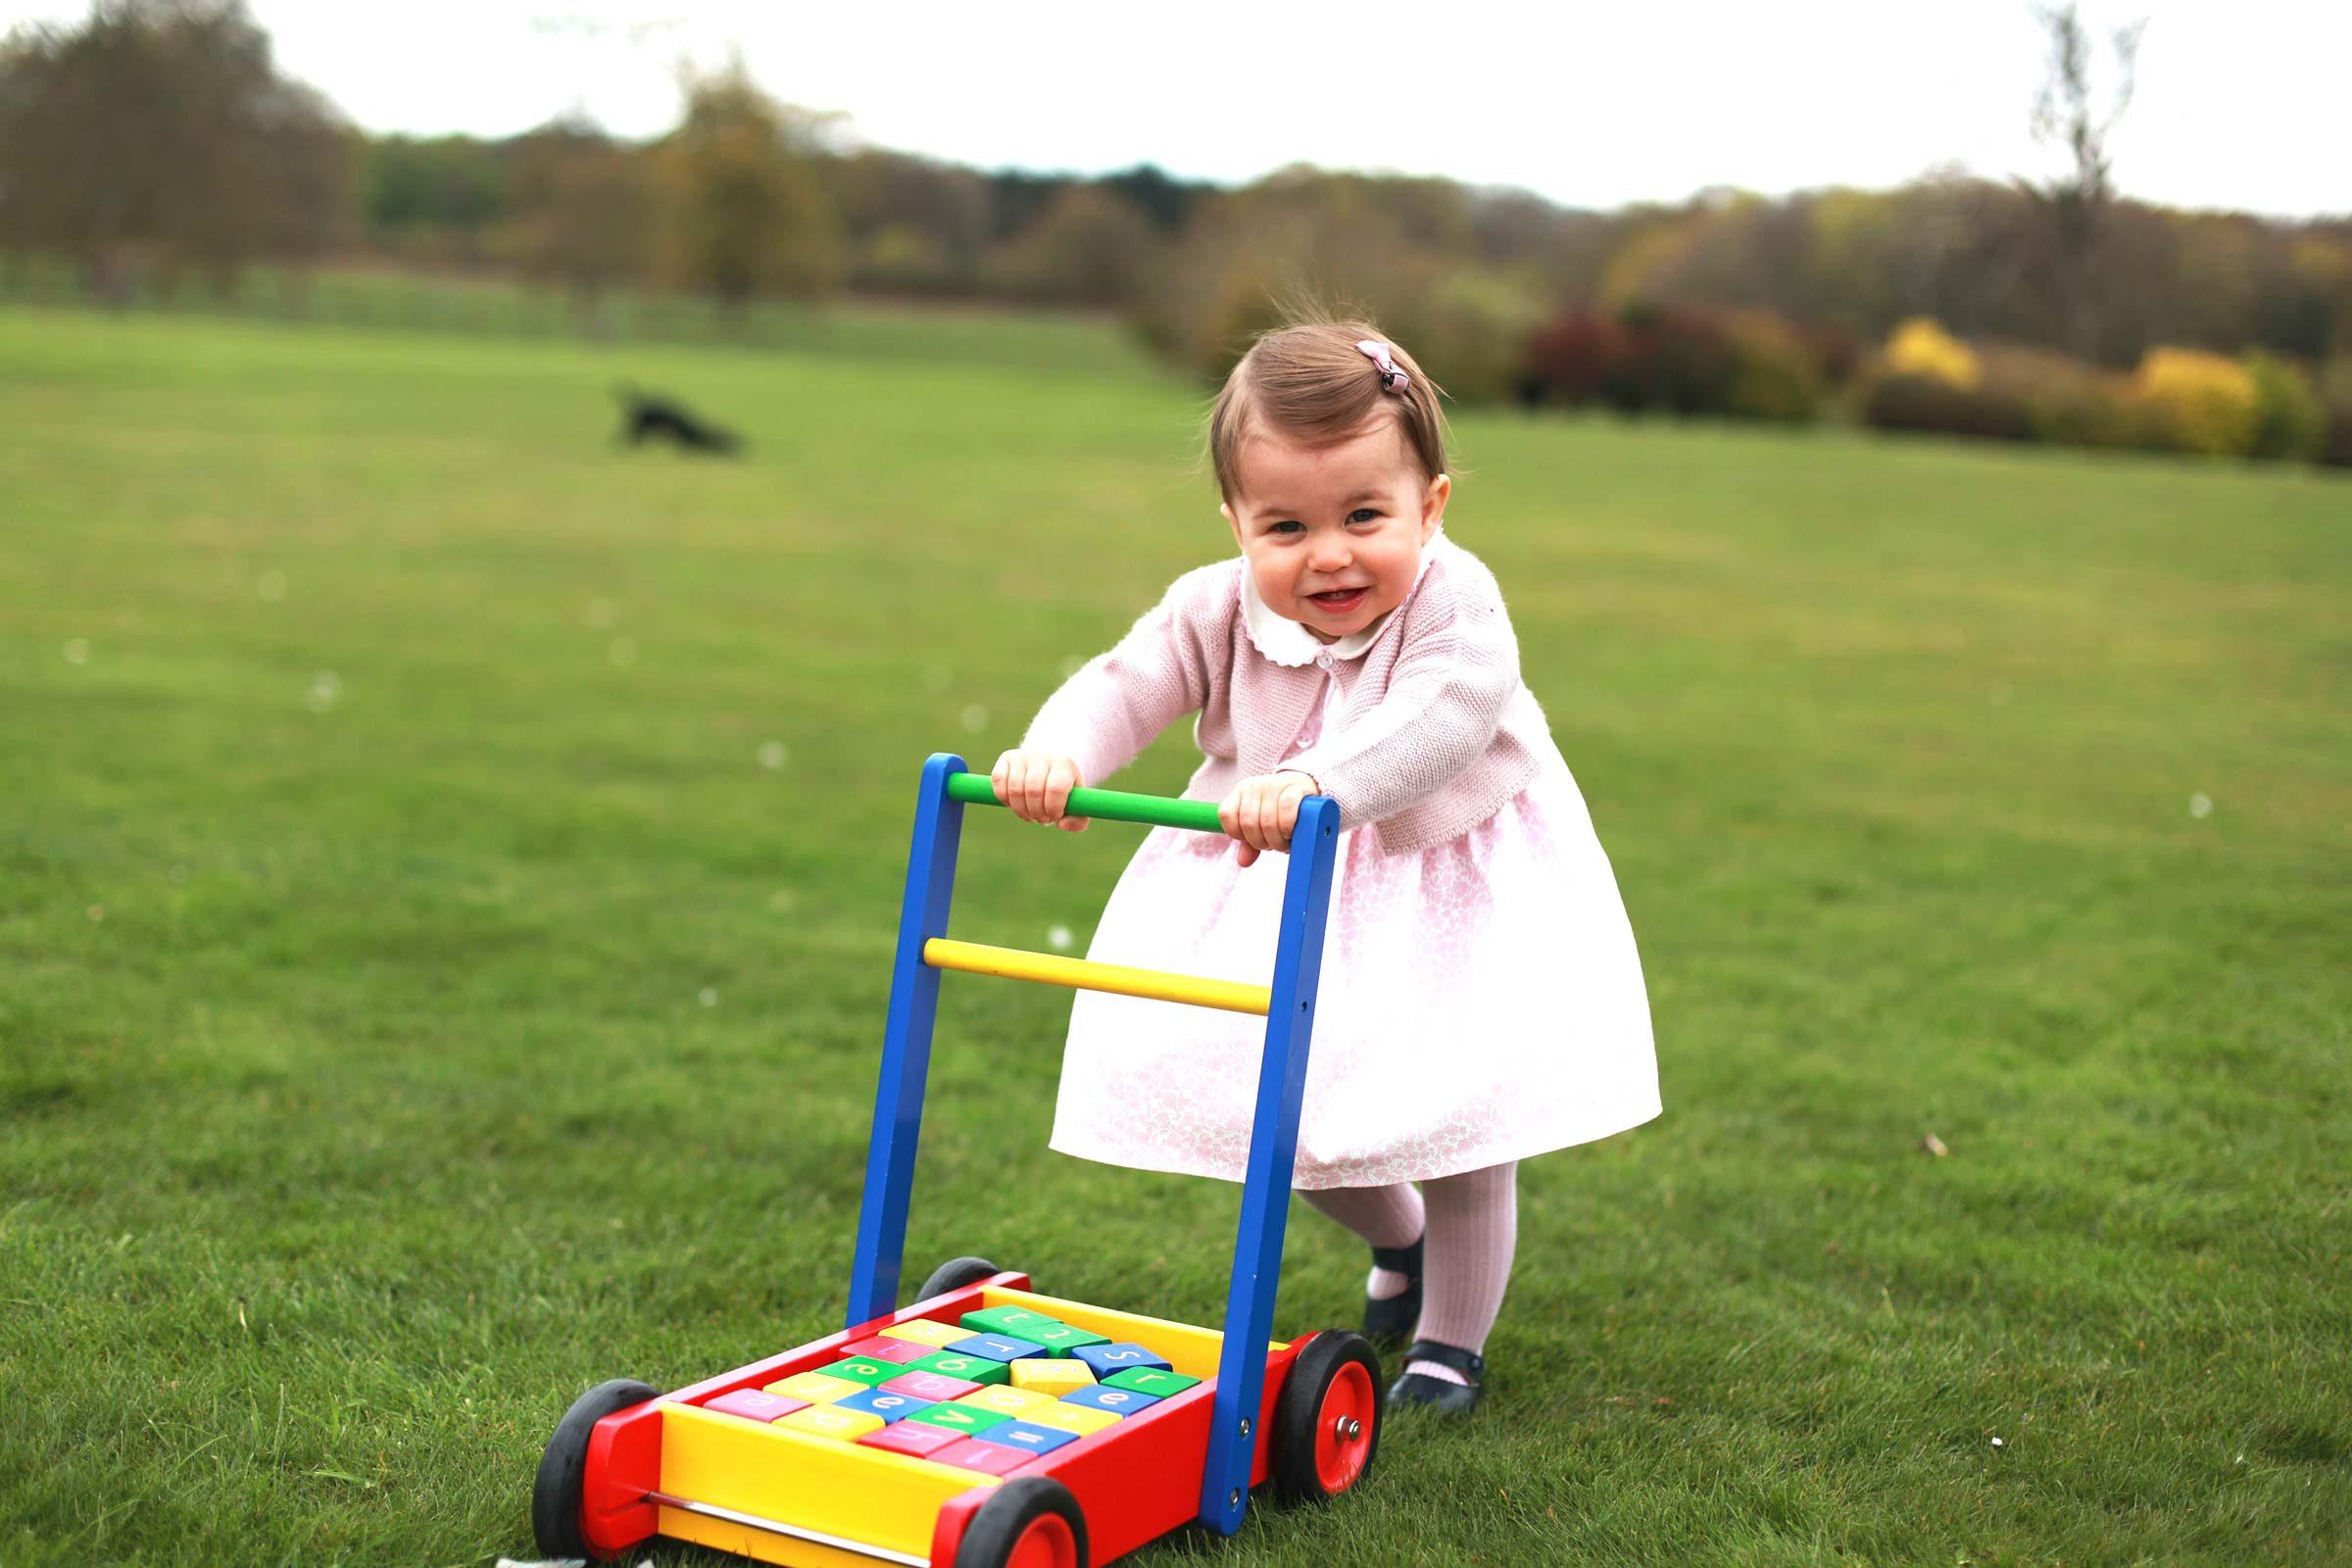 Le premier anniversaire de la Princesse Charlotte